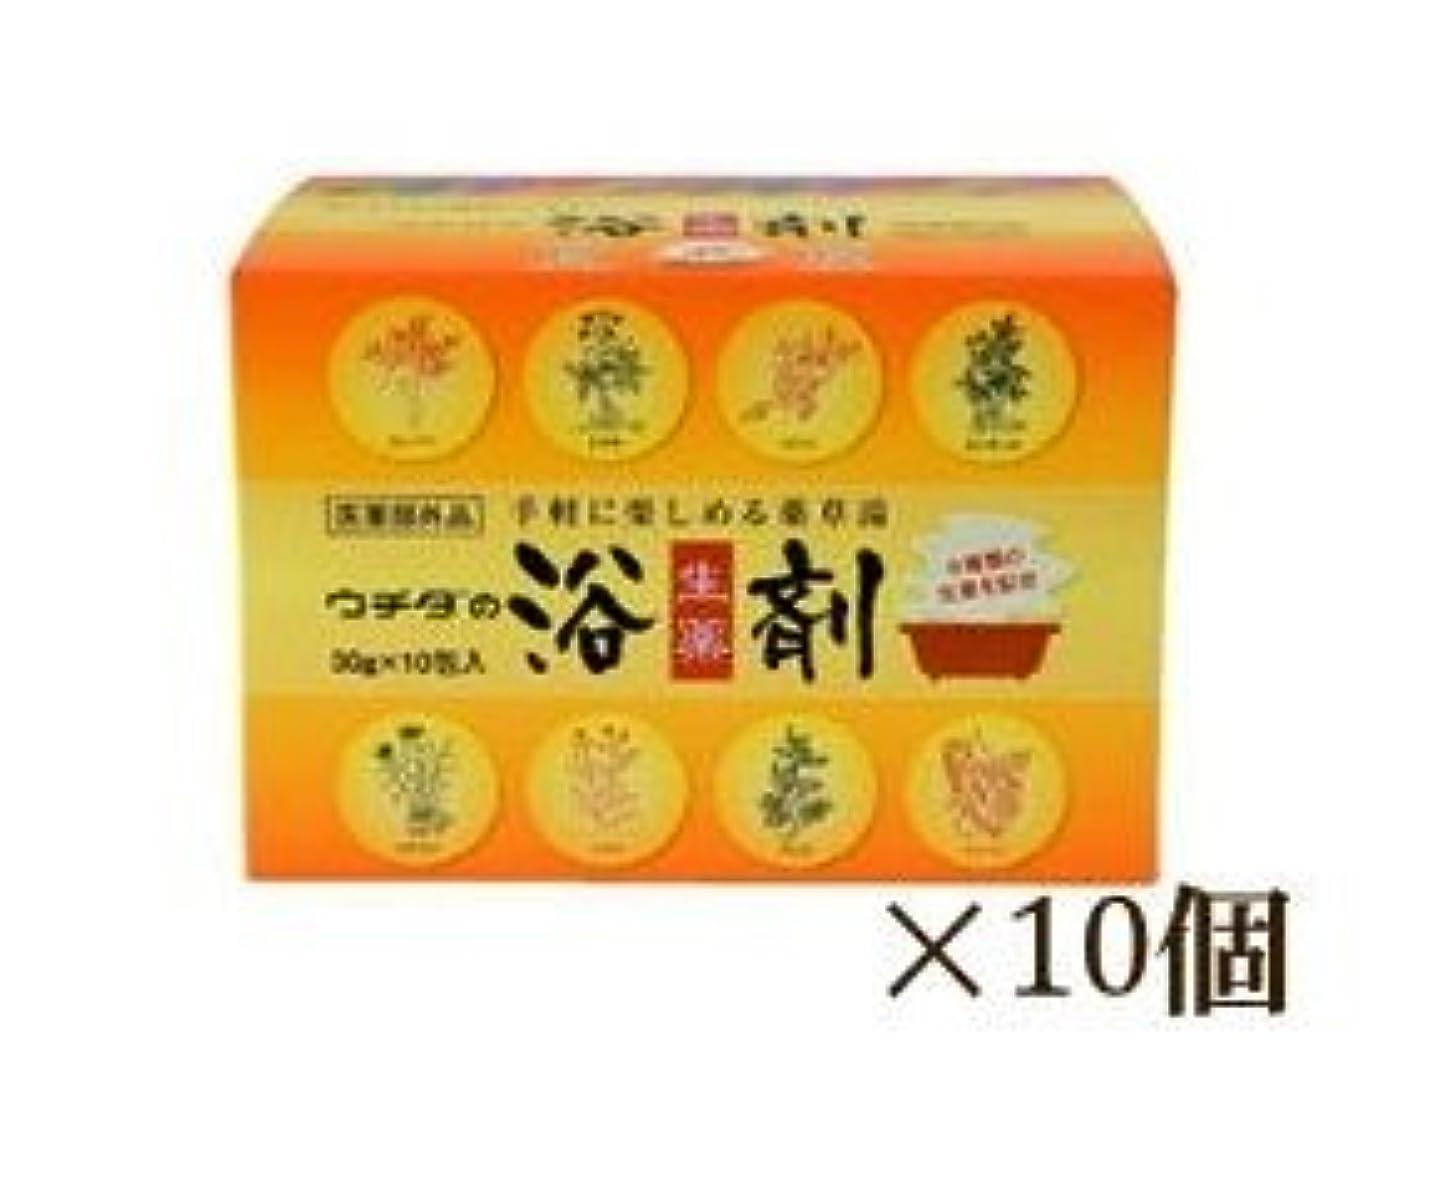 ワークショップ入浴かけるウチダの生薬浴剤 10箱セット (1箱30g×10包) 医薬部外品